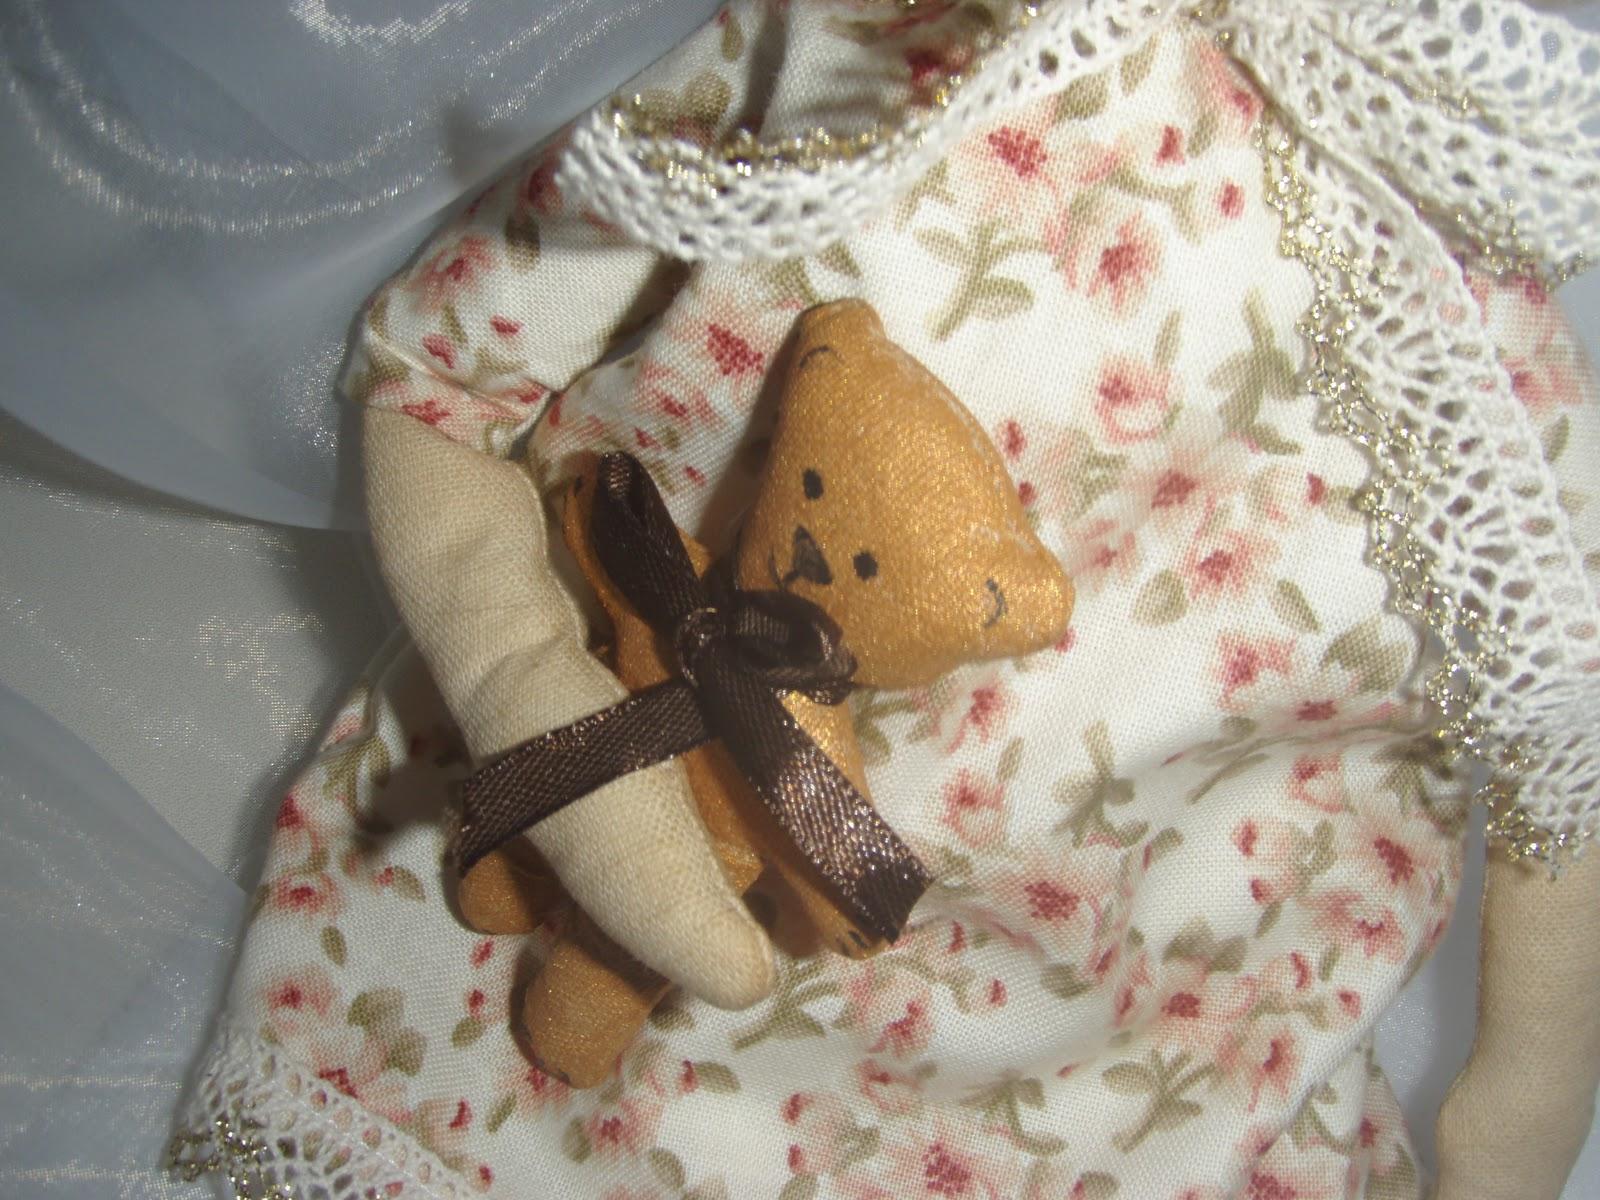 Форно фото малинкие девочки 13 фотография